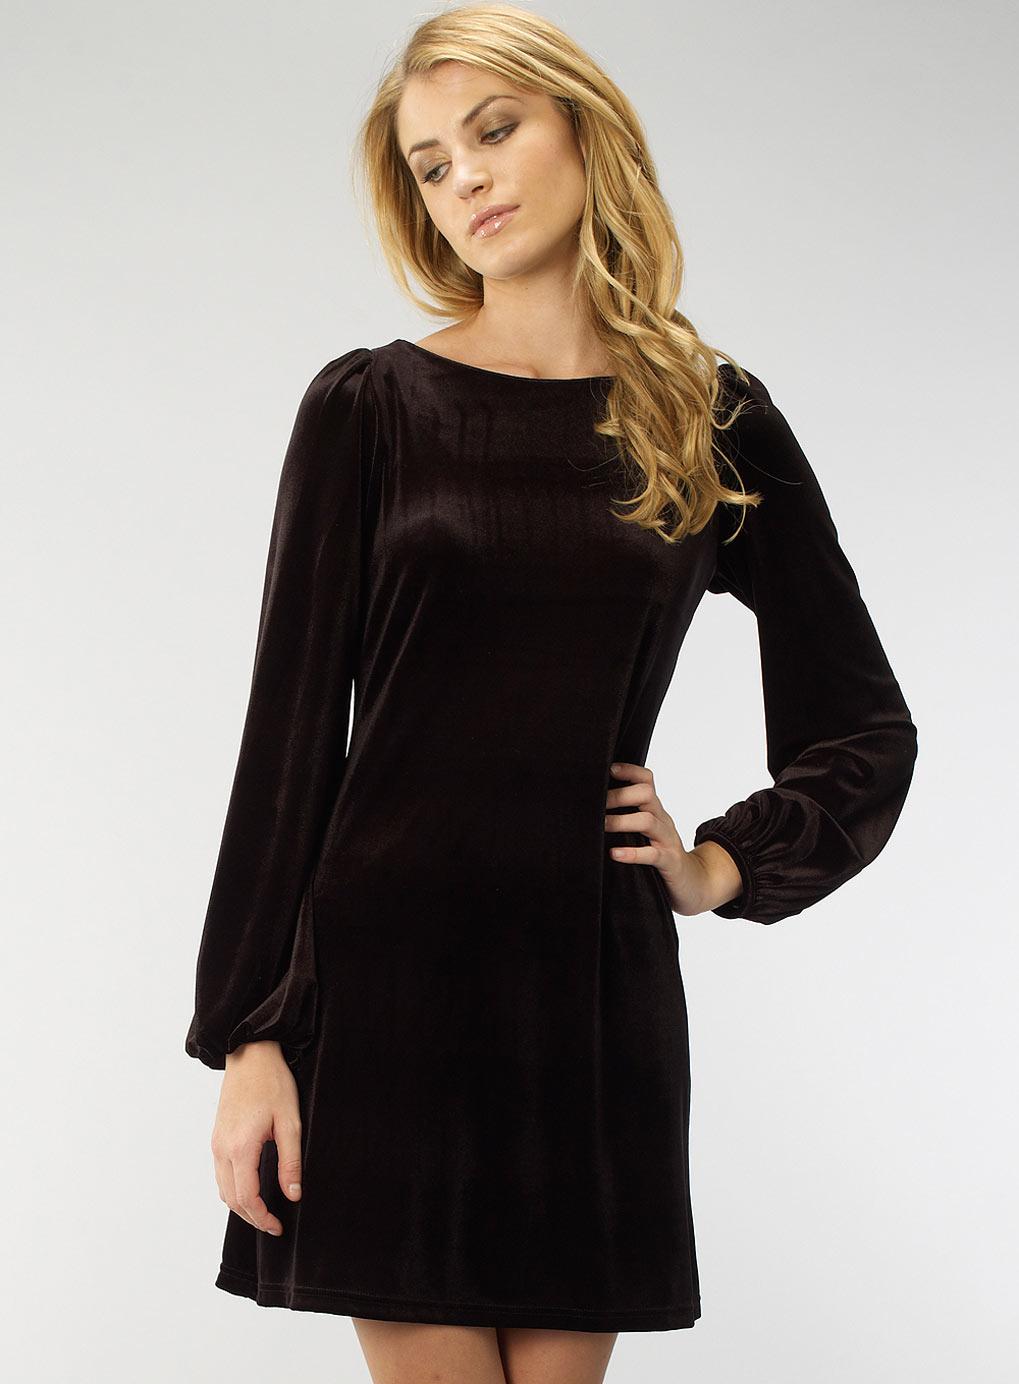 Black Velvet Dresses - summer dresses 2012